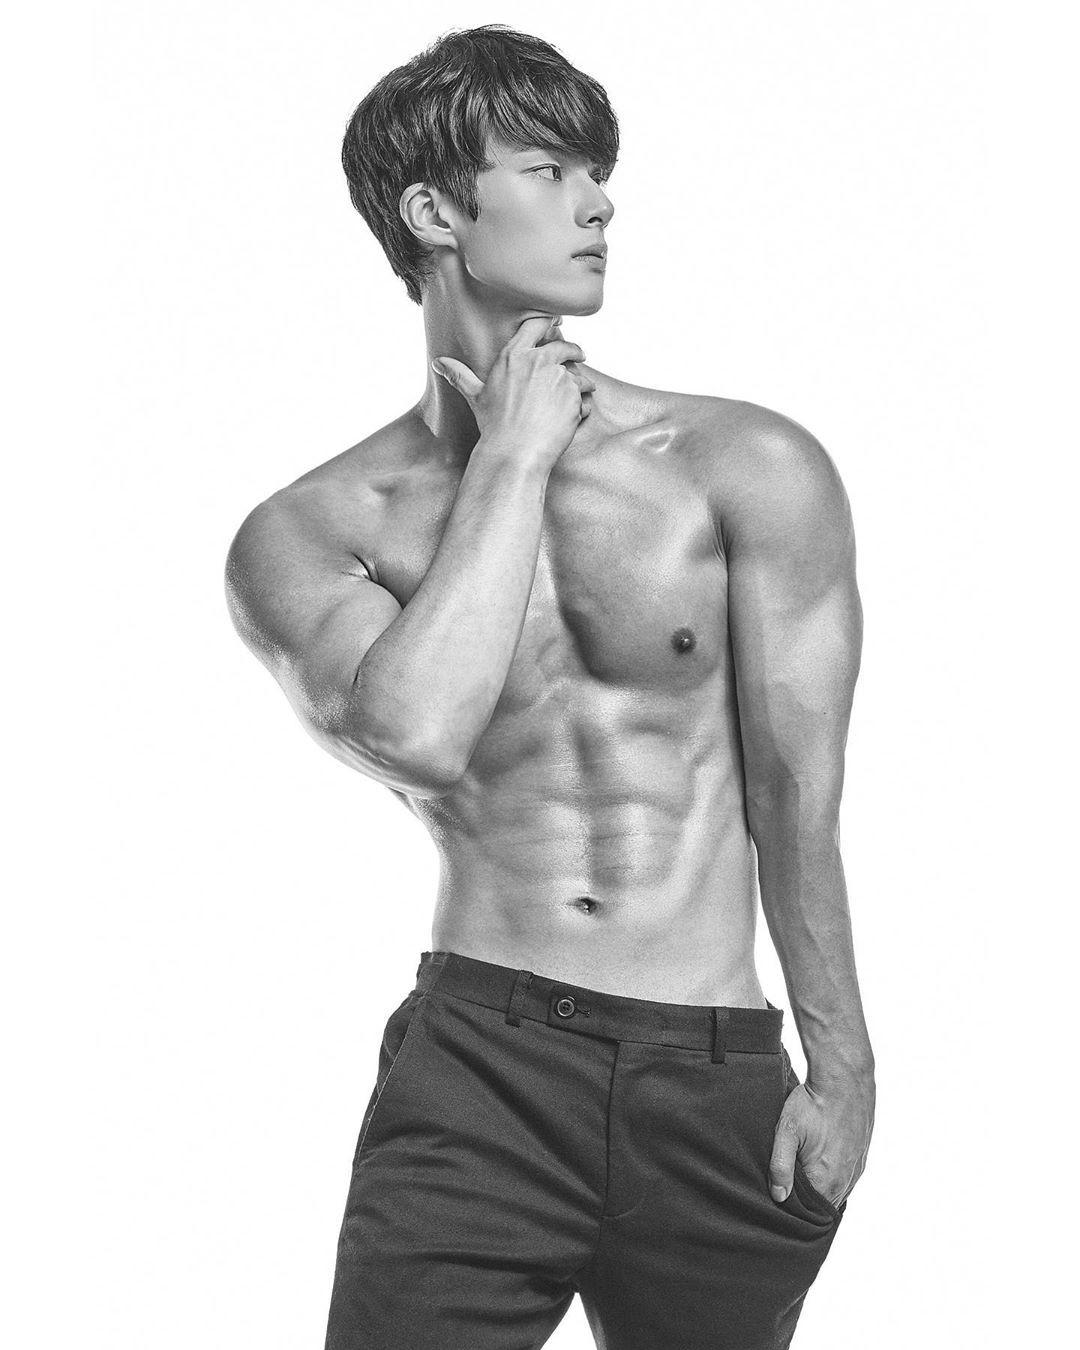 ▲▼南韓直播主봇노잼練就一身大肌肌(圖/翻攝自Instagram@nojam_bot)